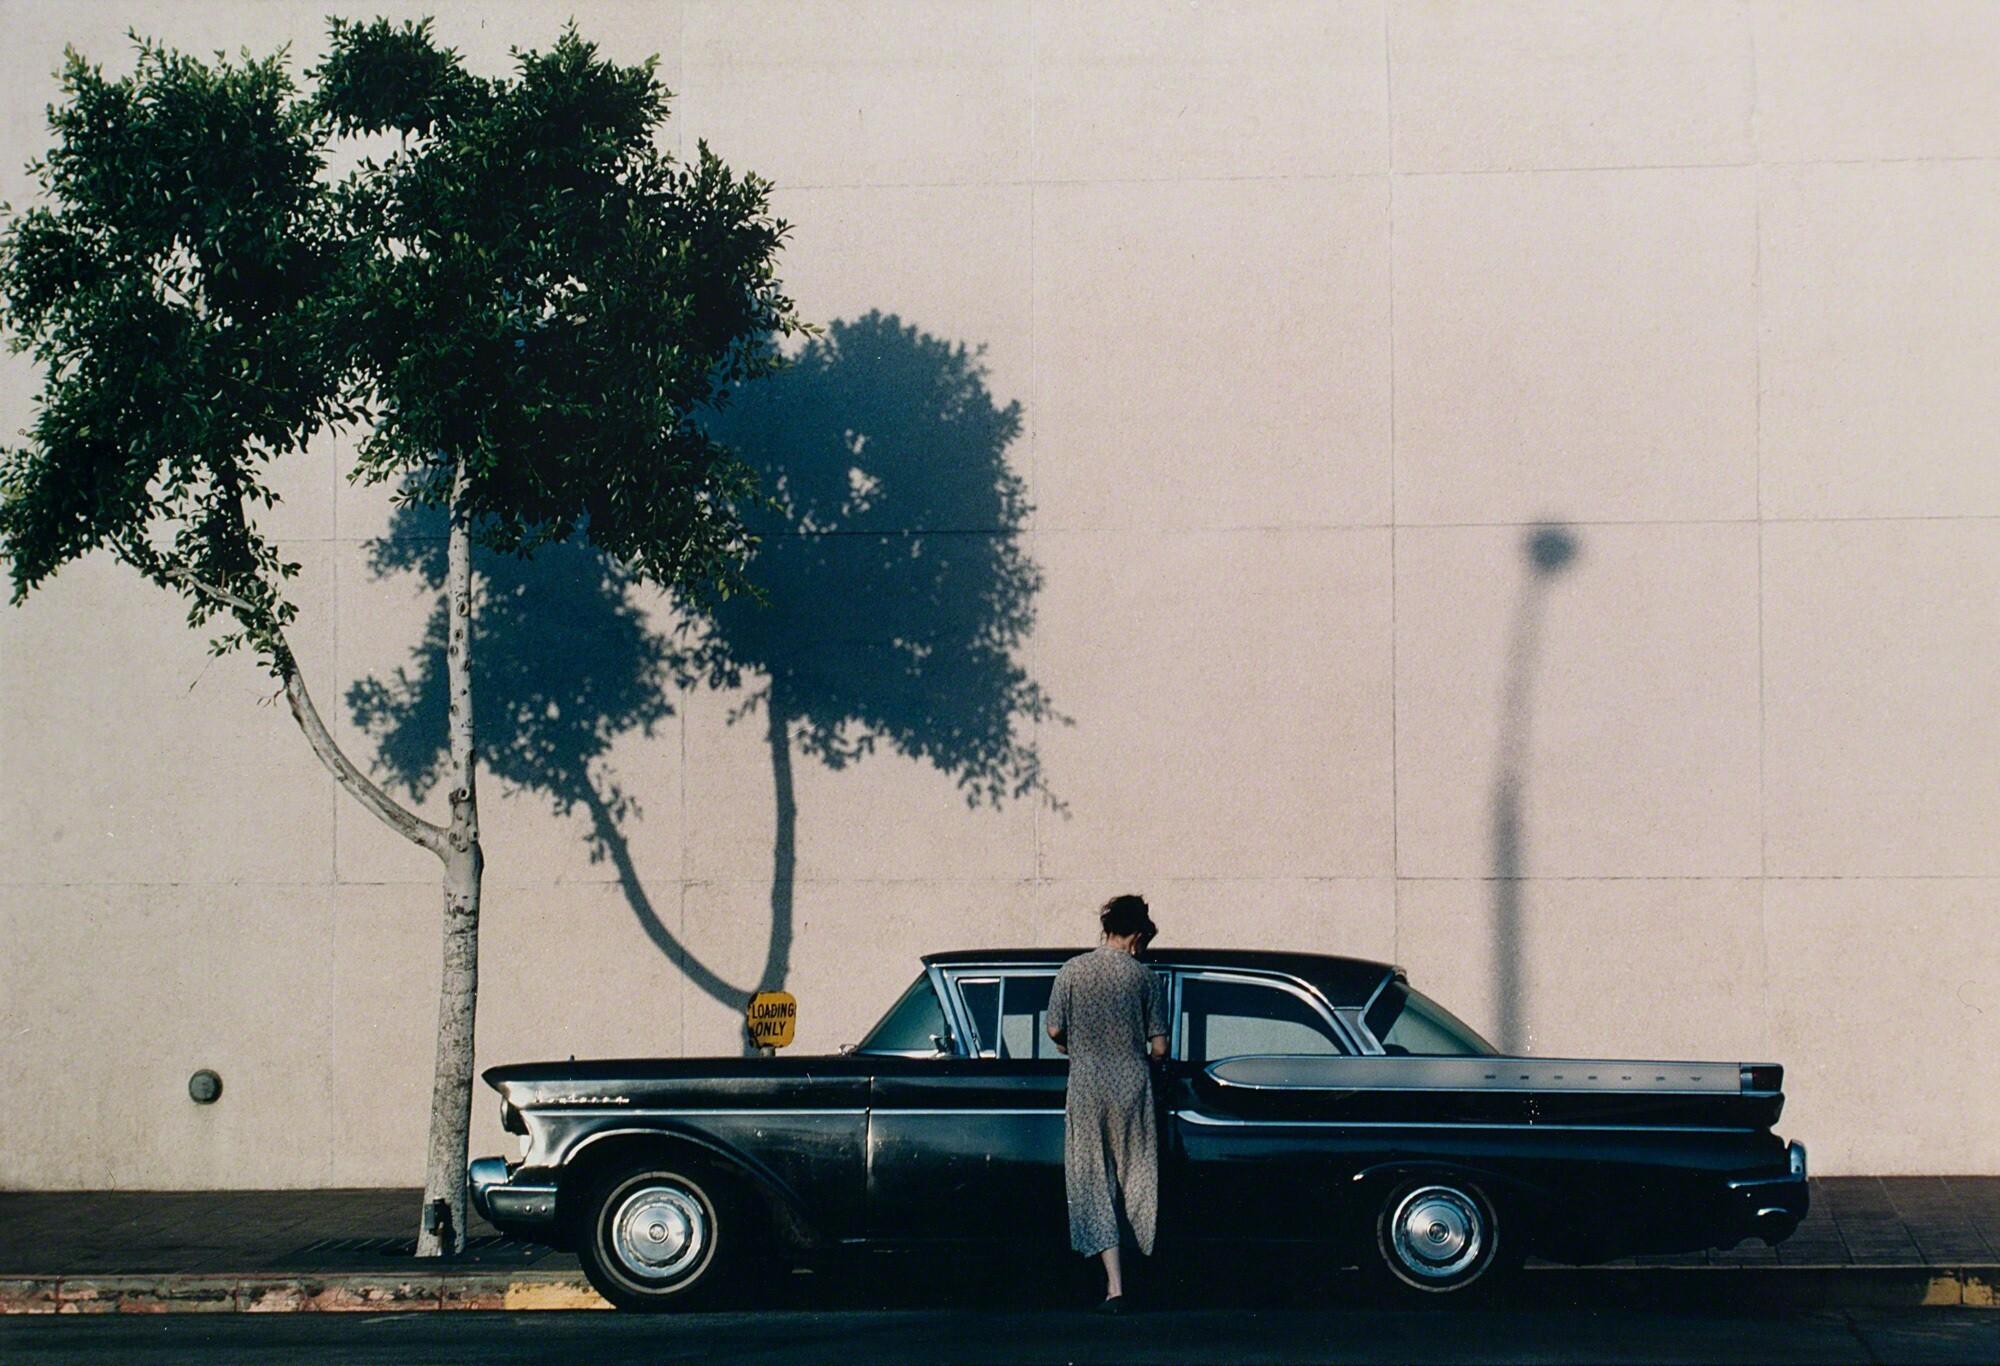 Лос-Анджелес, 1991. Фотограф Франко Фонтана